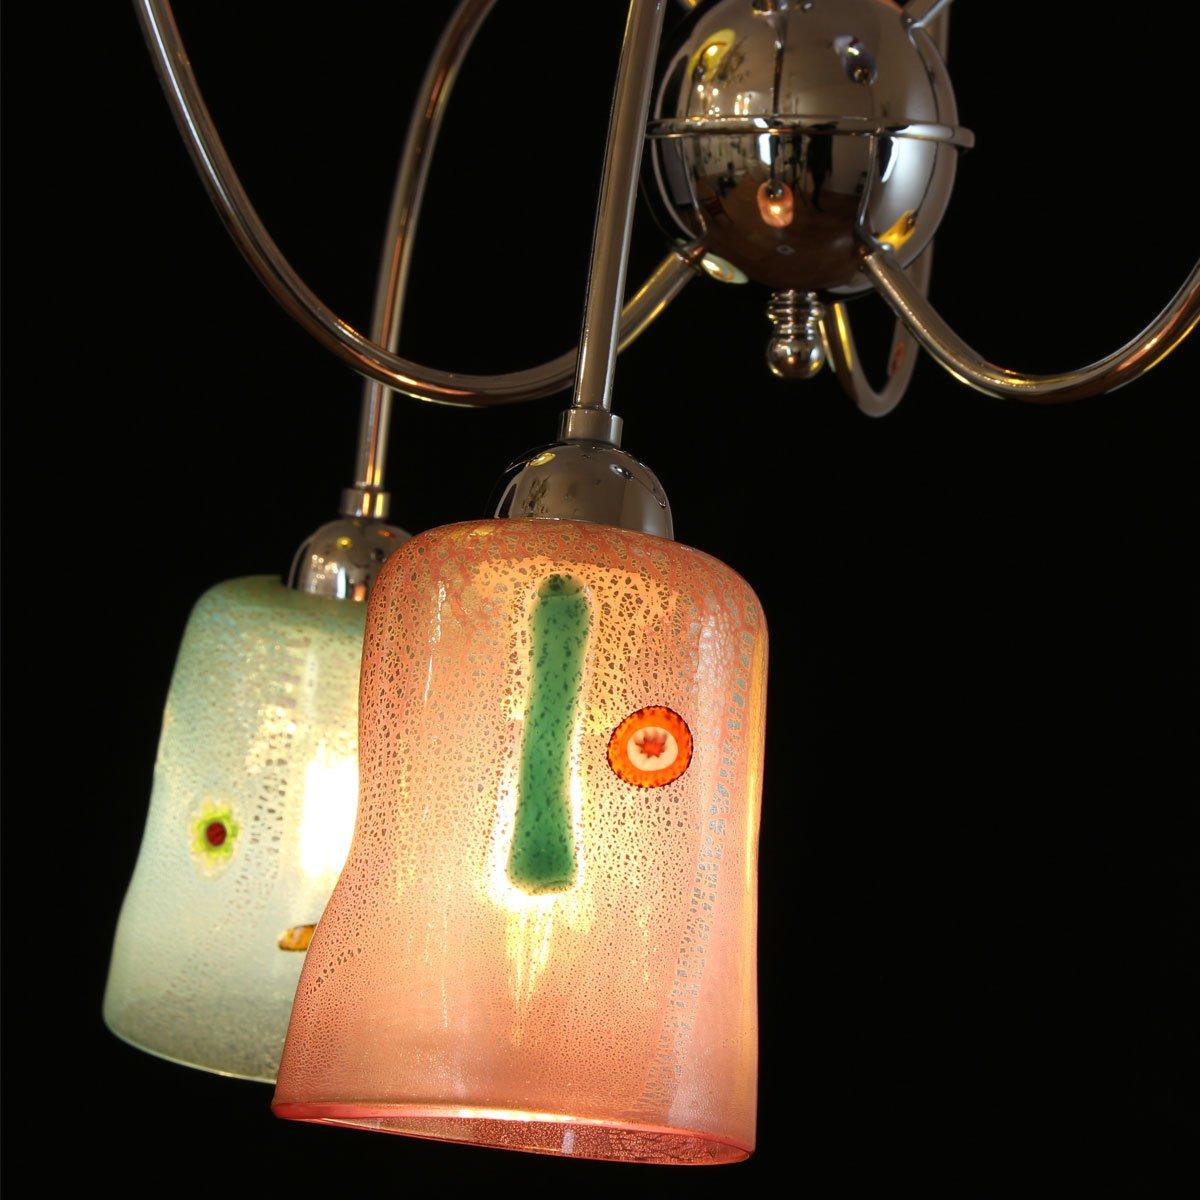 Italy iTaly - Lampadario in vetro di Murano 6 luci - diversi colori disponibili